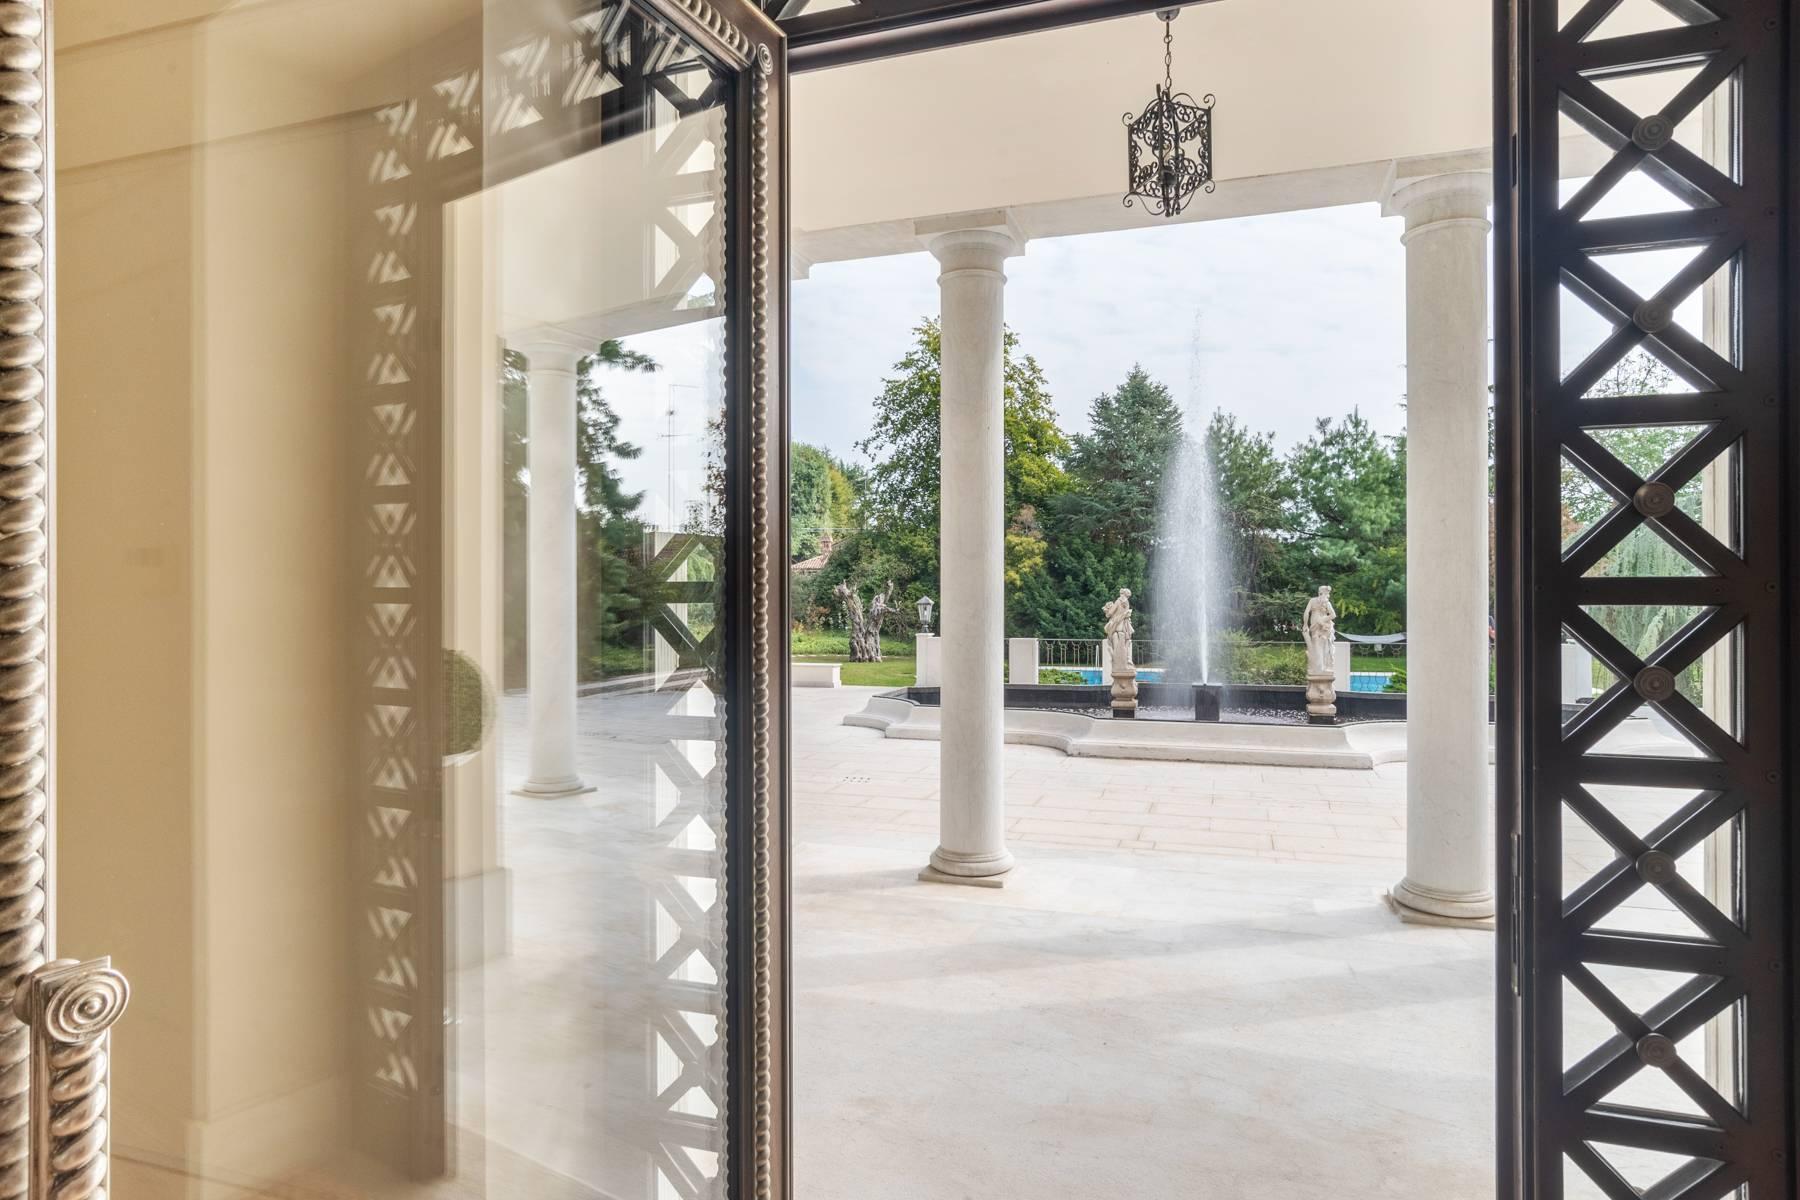 Lussuosa villa neoclassica con ampio parco e piscina - 9